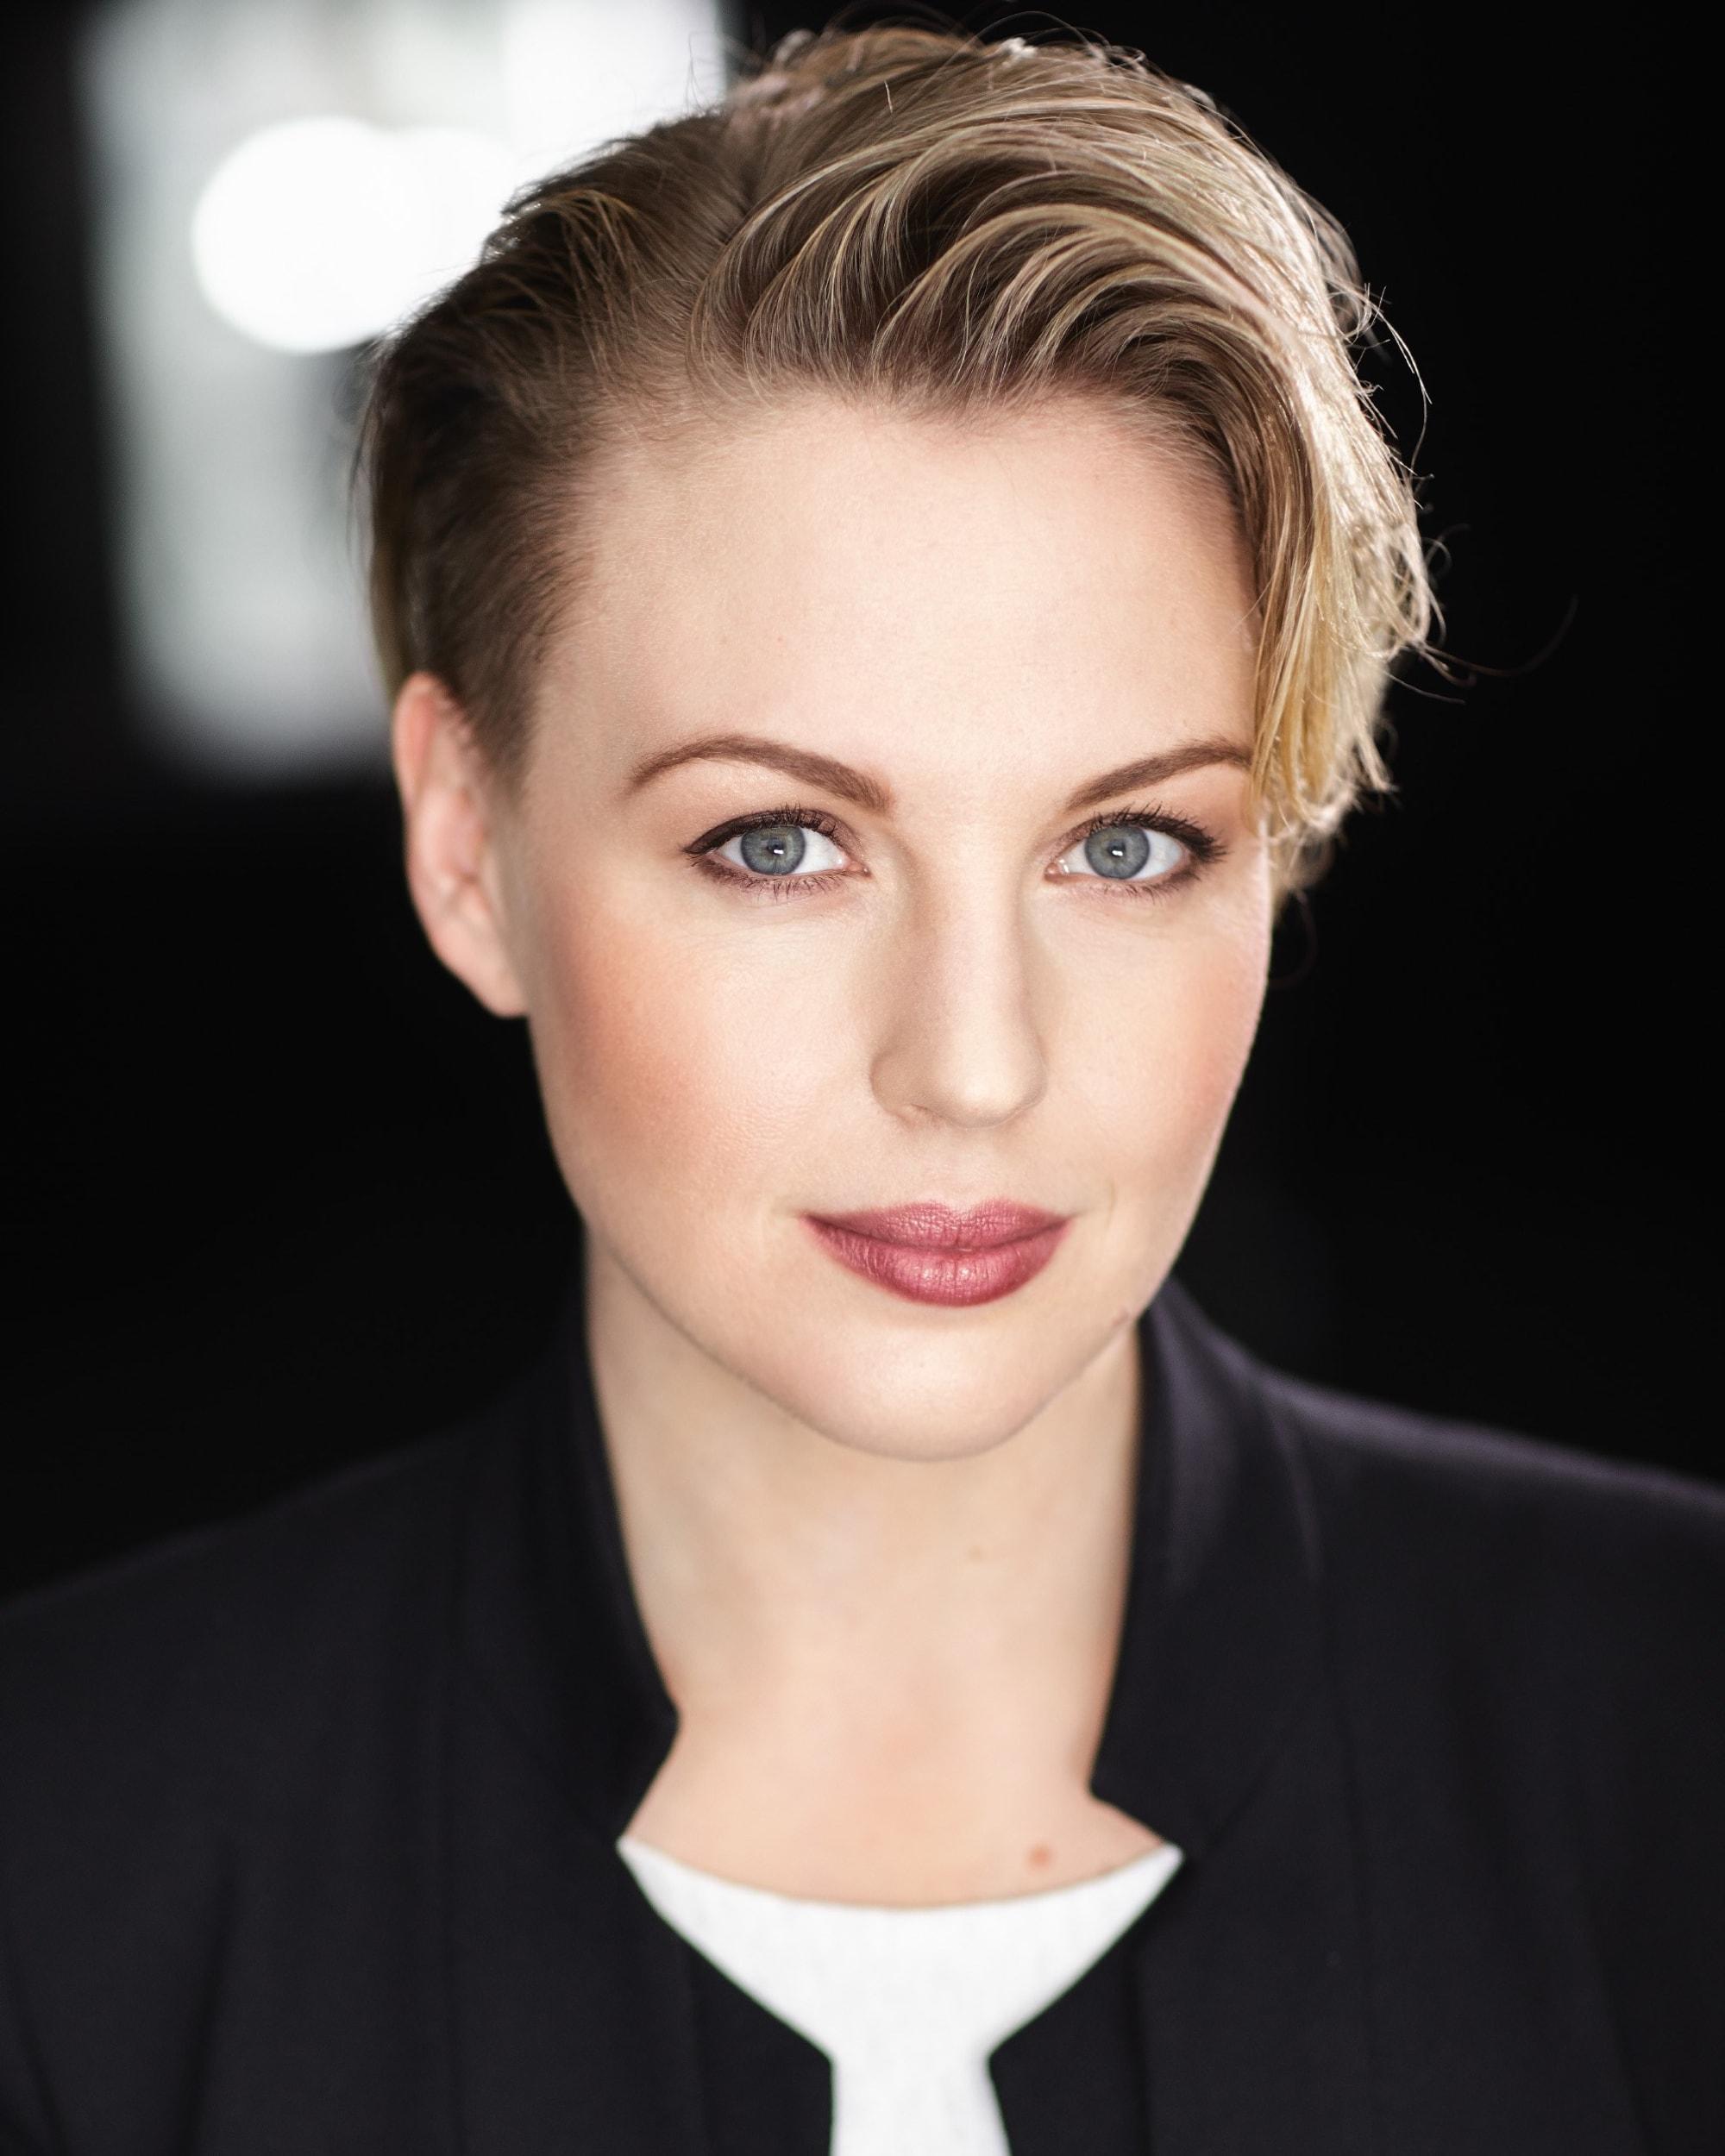 Courtney Glass